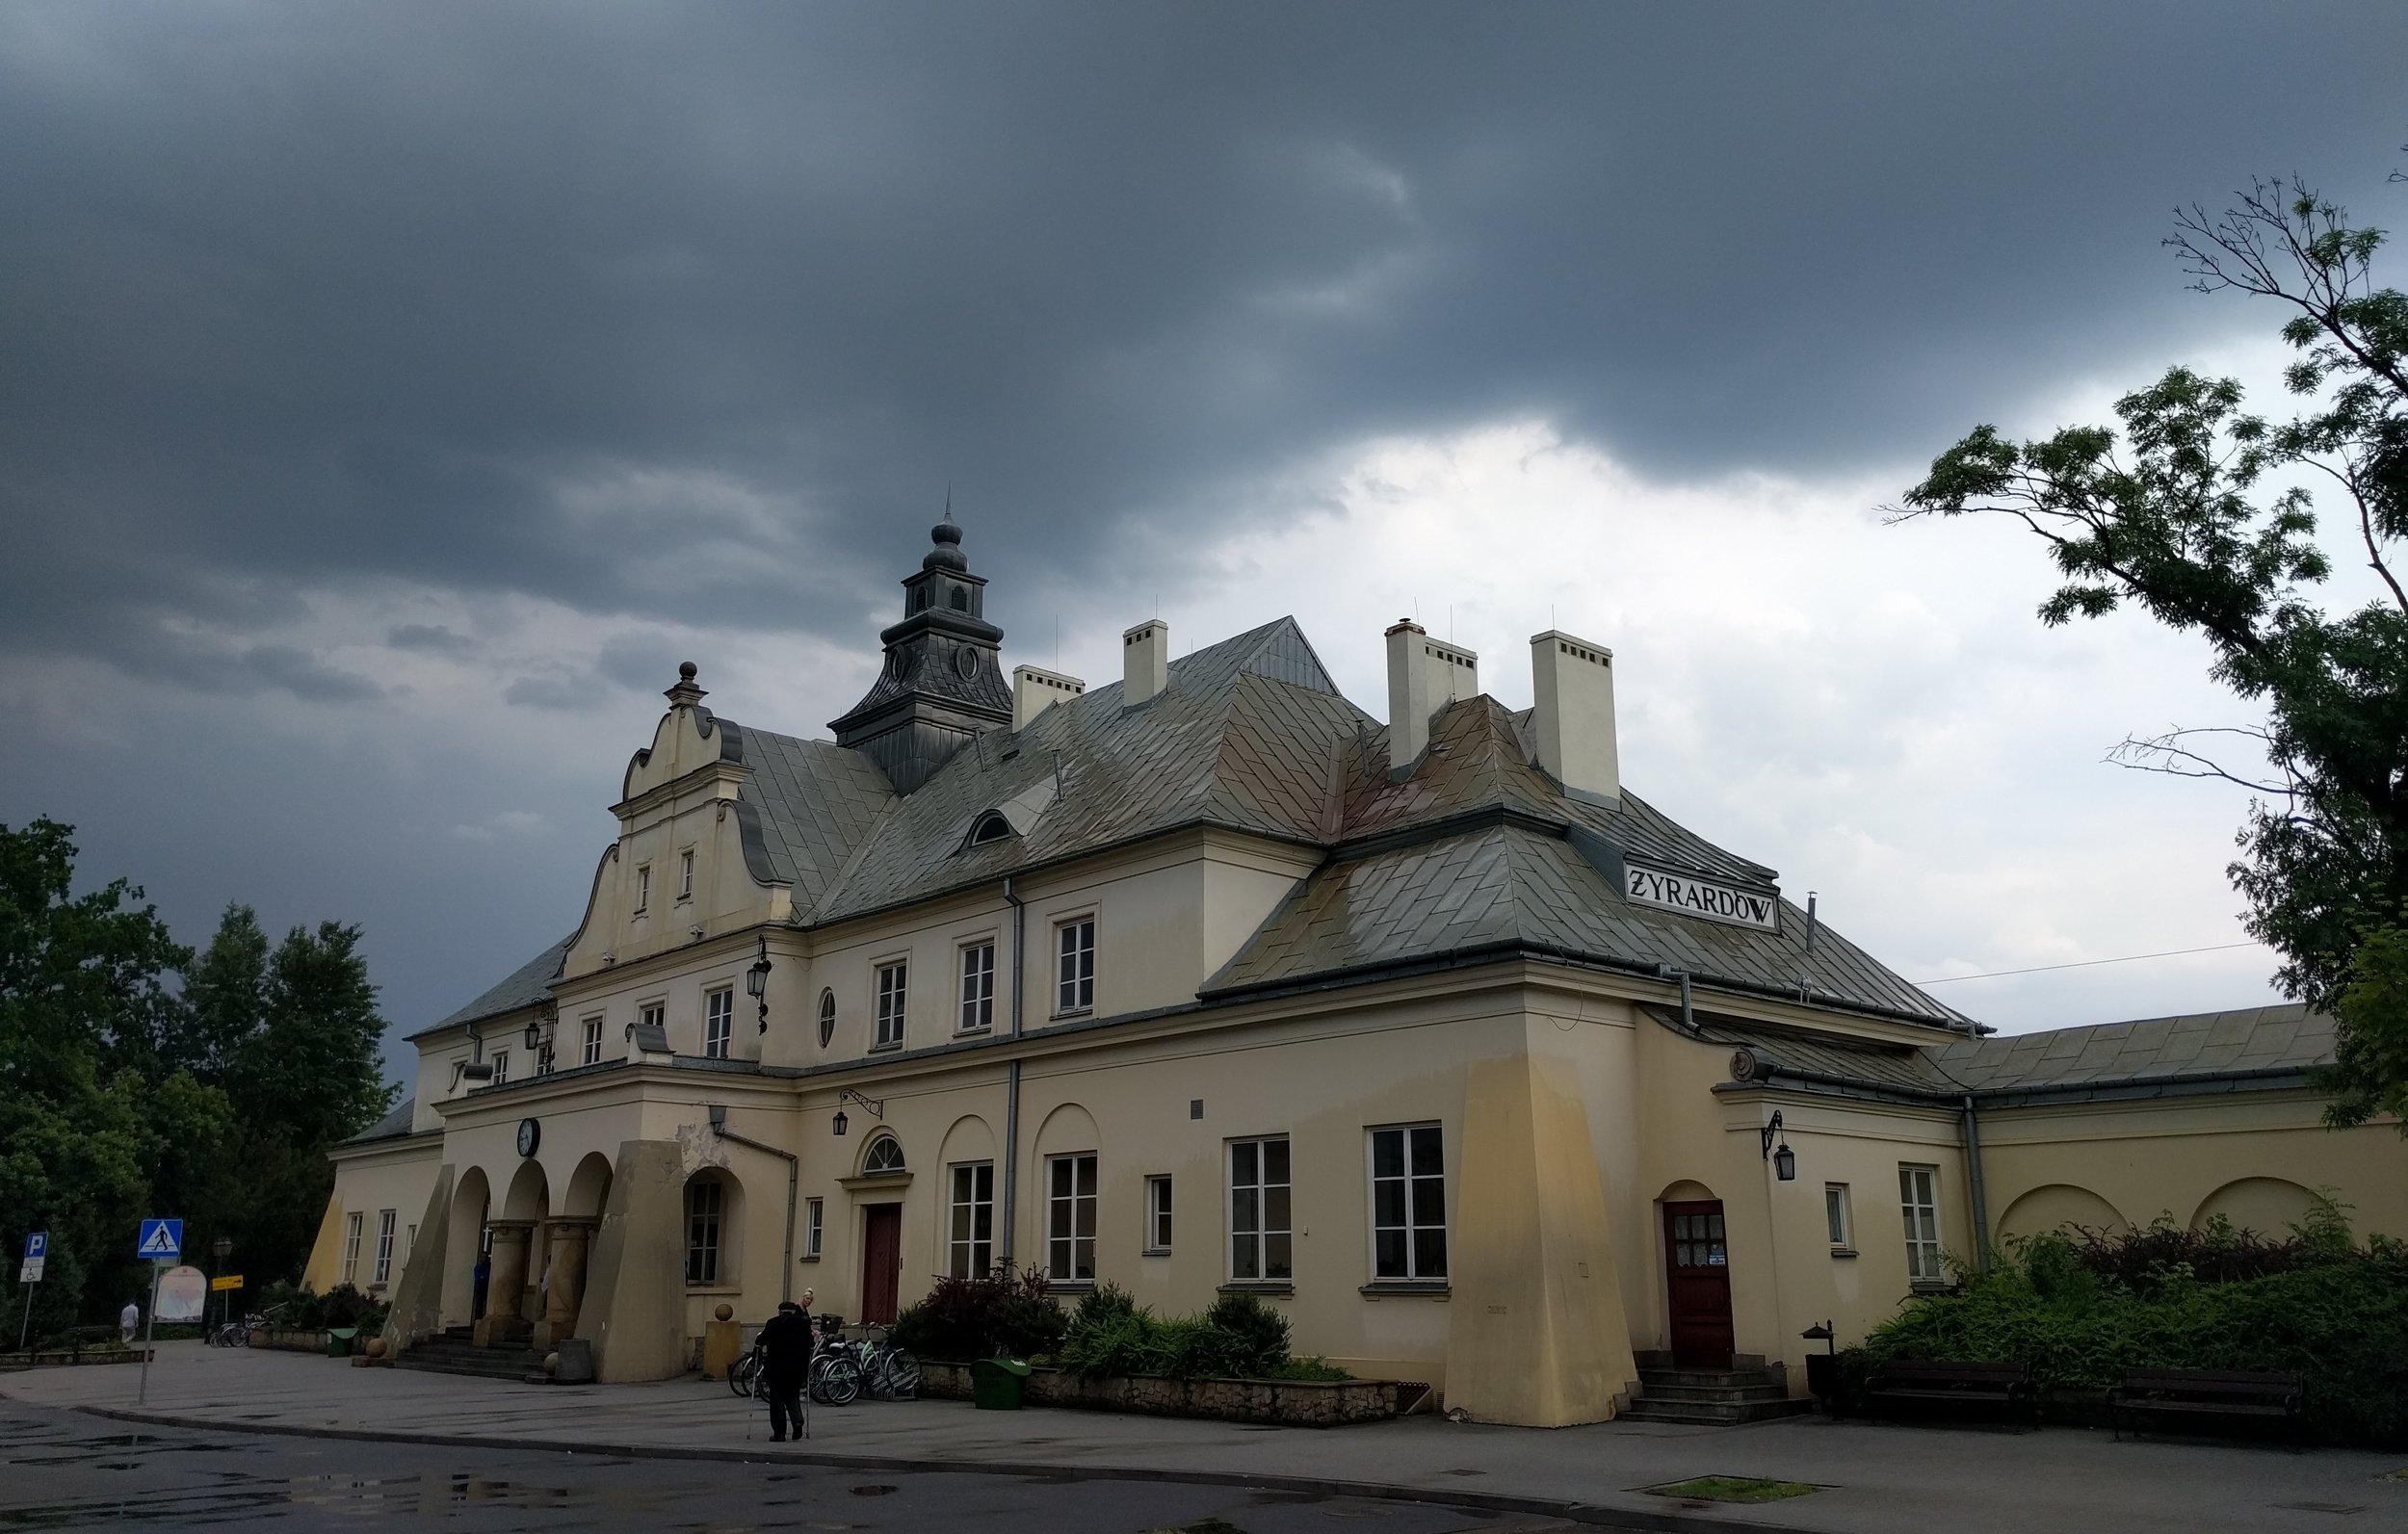 Żyrardów's train station.